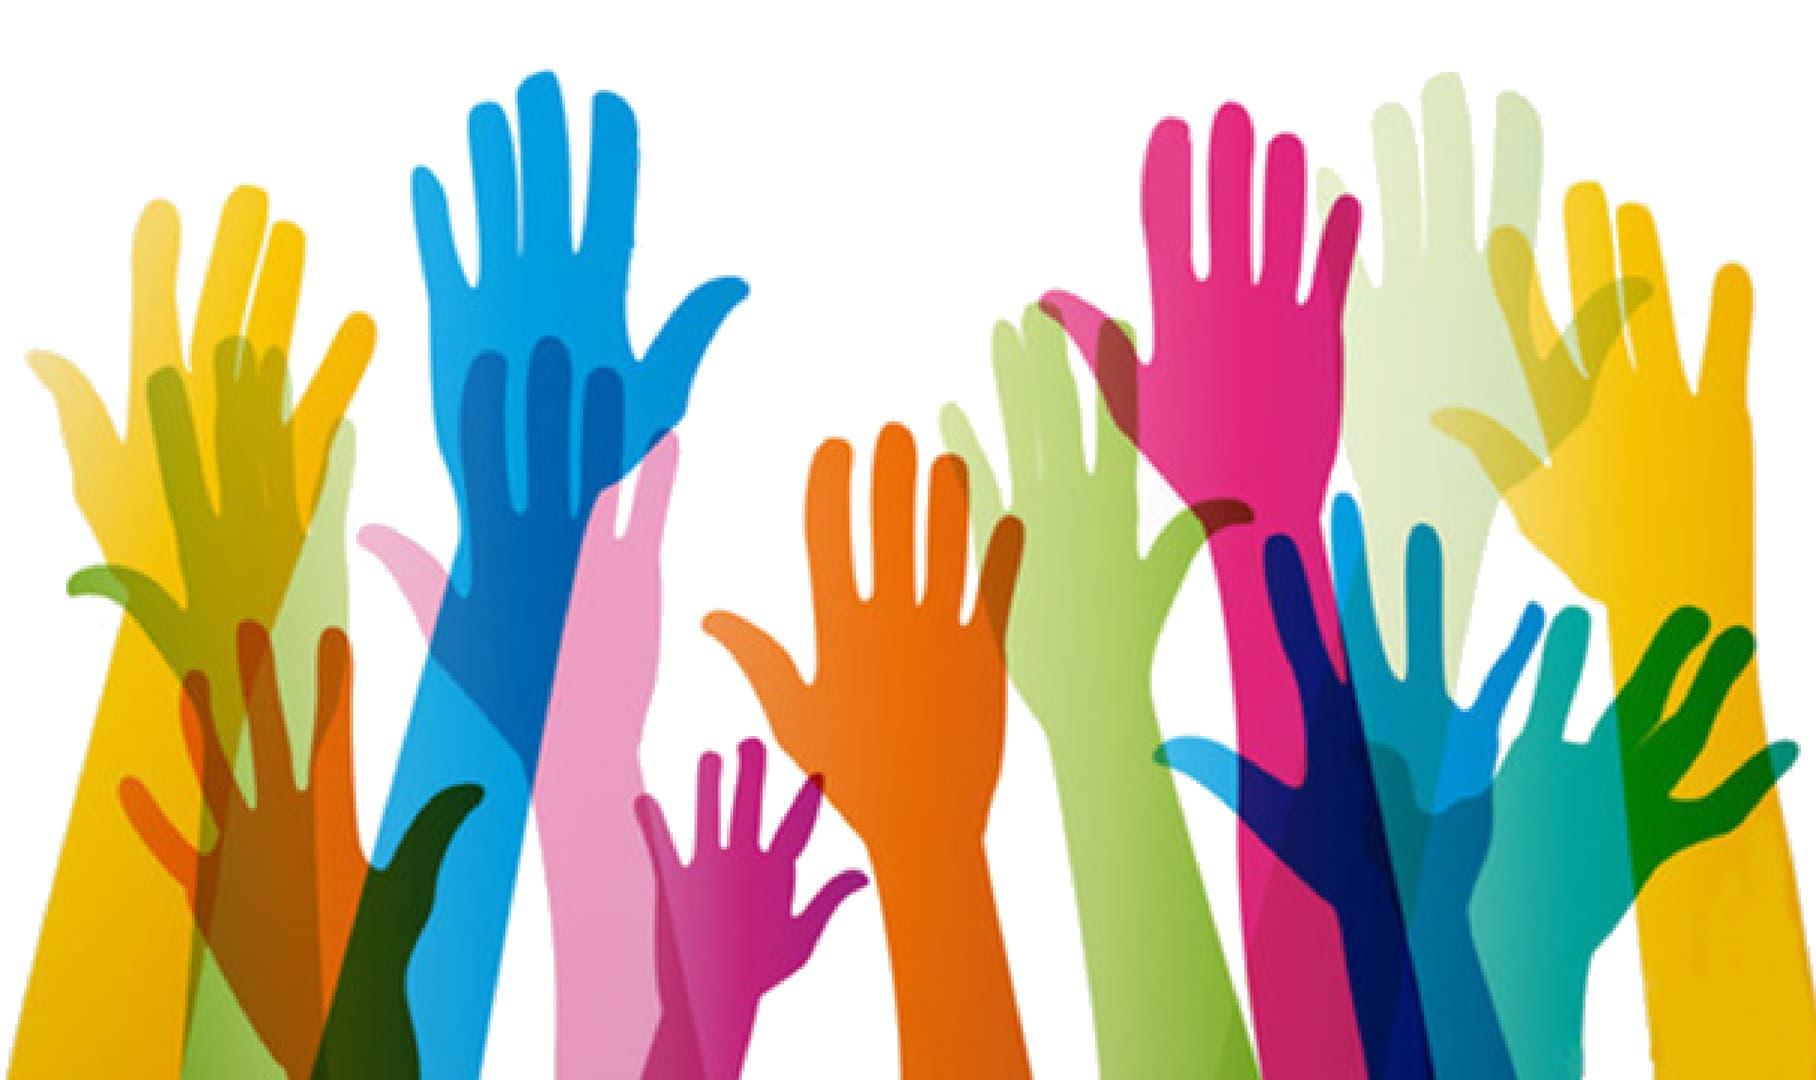 Propuesta de participación en el 'FORO Digital' a los representantes municipales y su extensión a colectivos y ciudadan@s de Granadilla de Abona